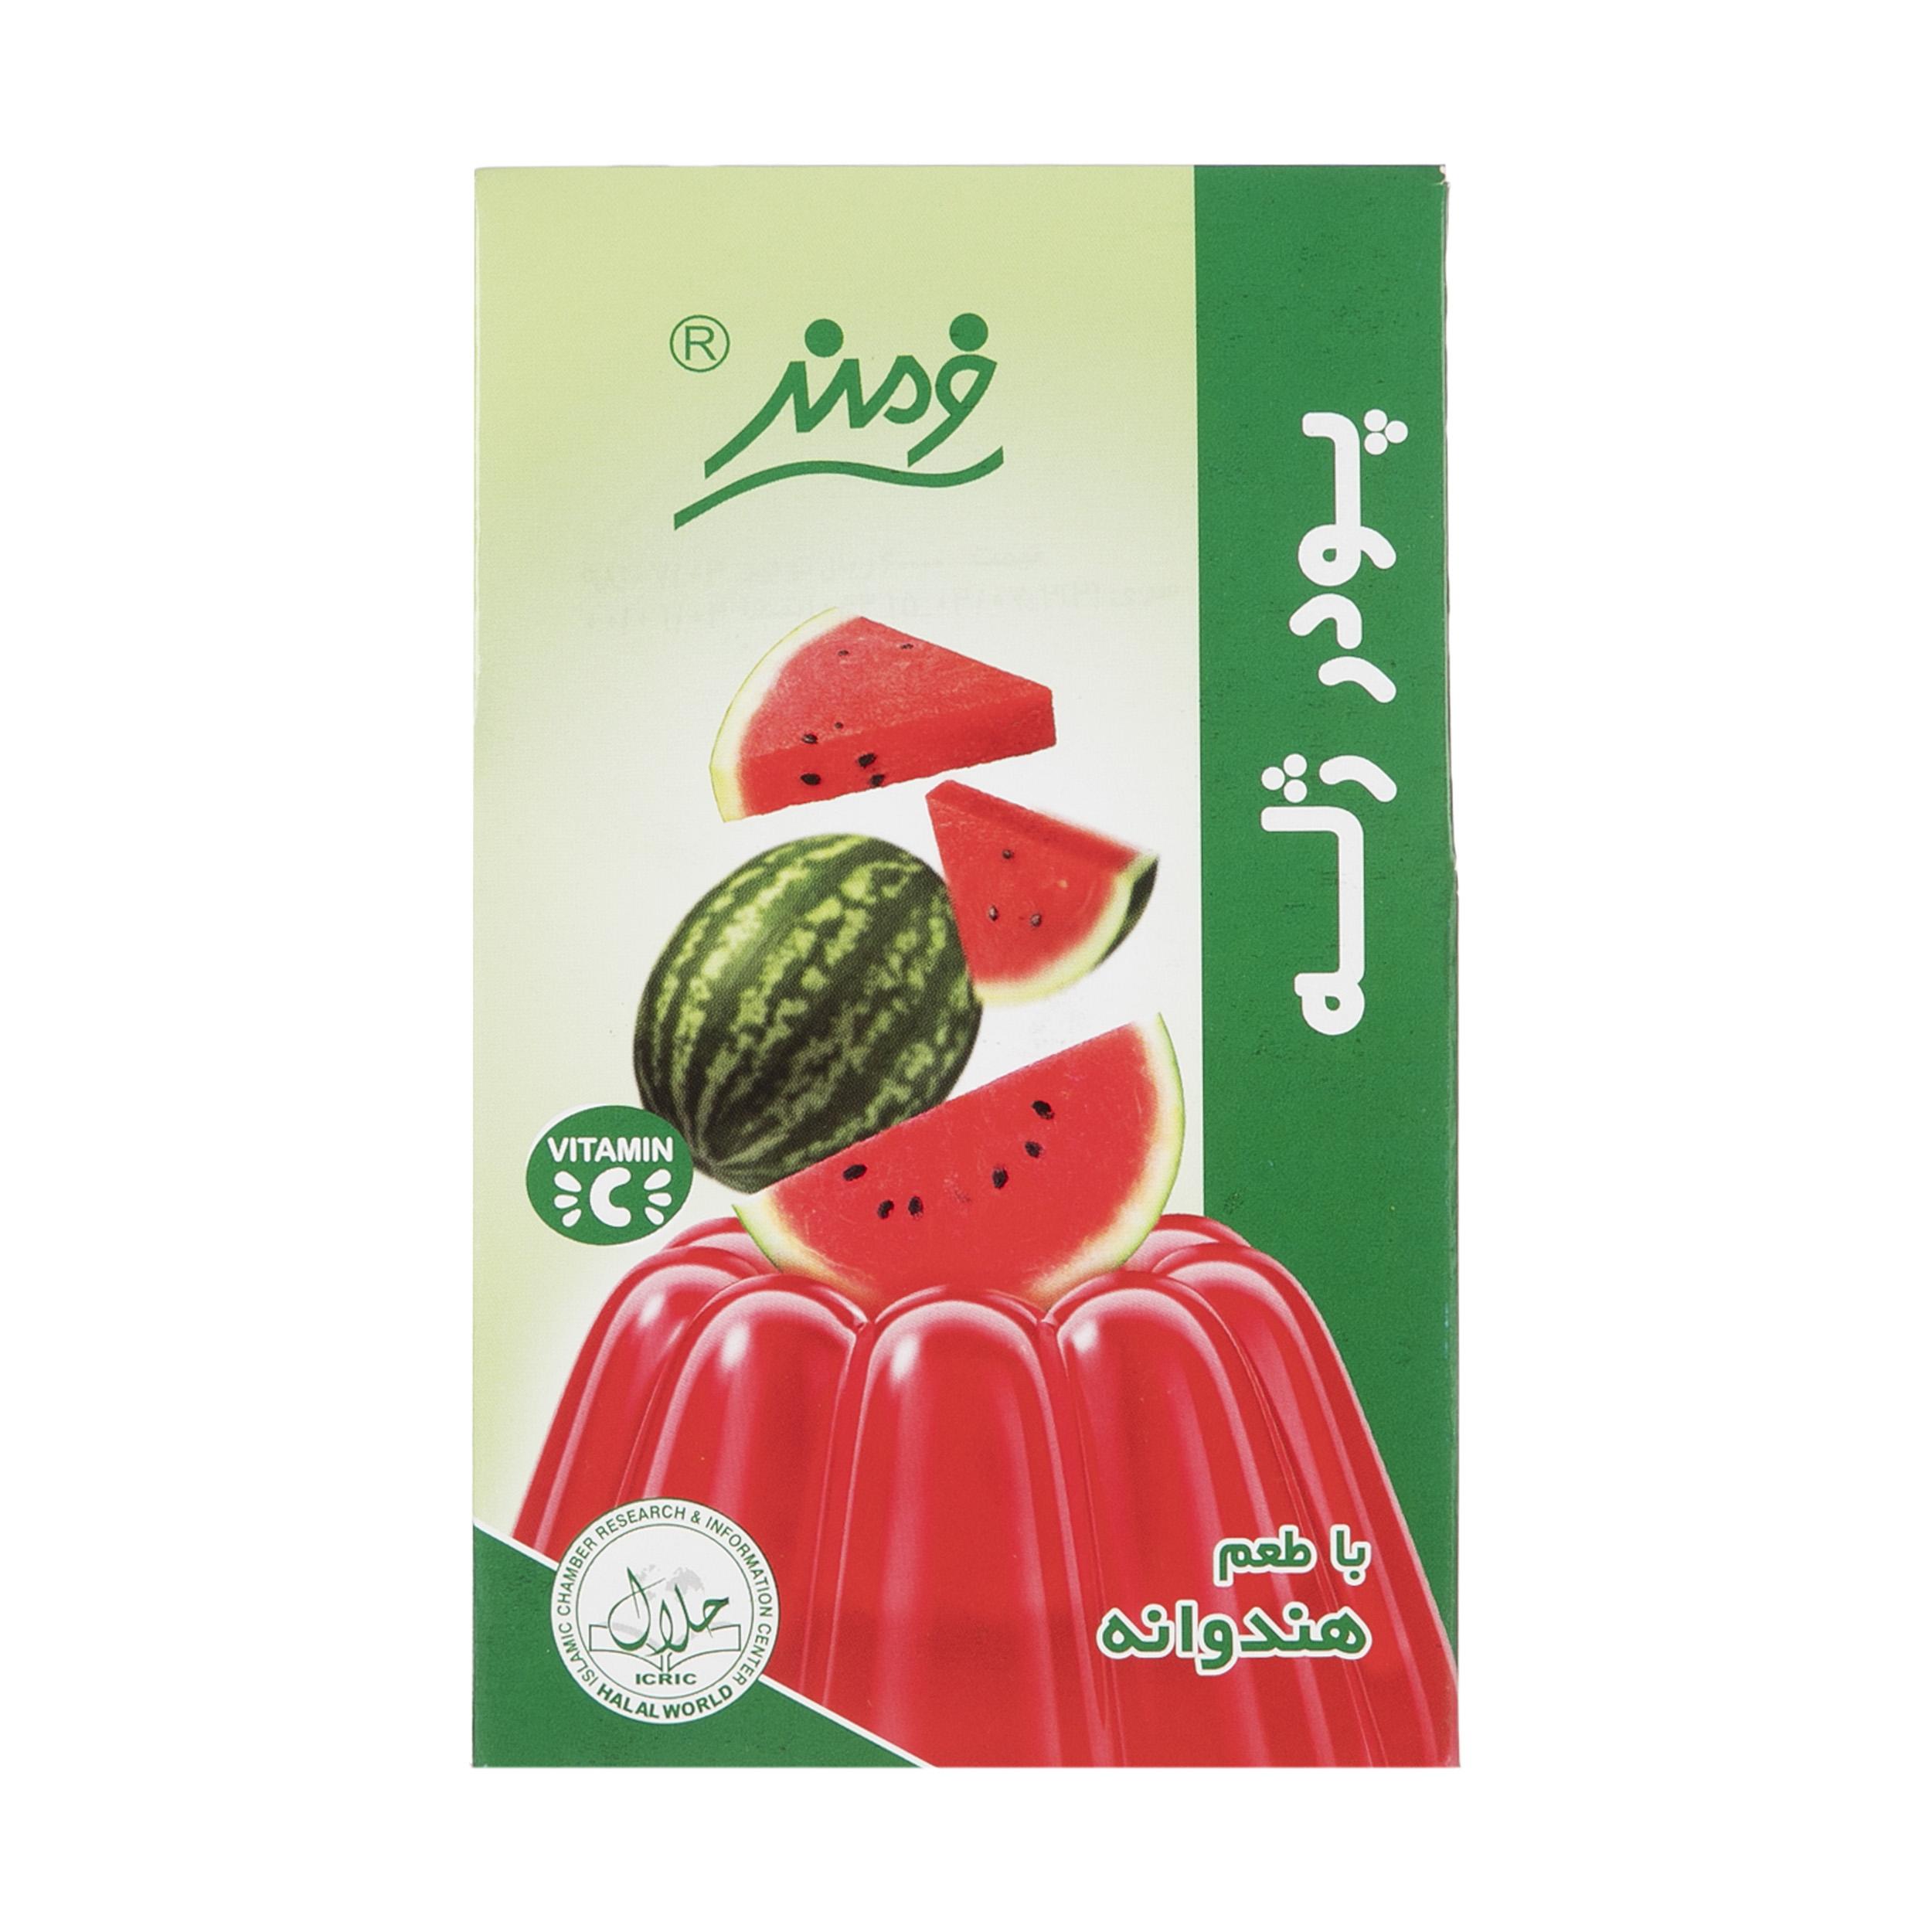 پودر ژله هندوانه فرمند مقدار 100 گرم